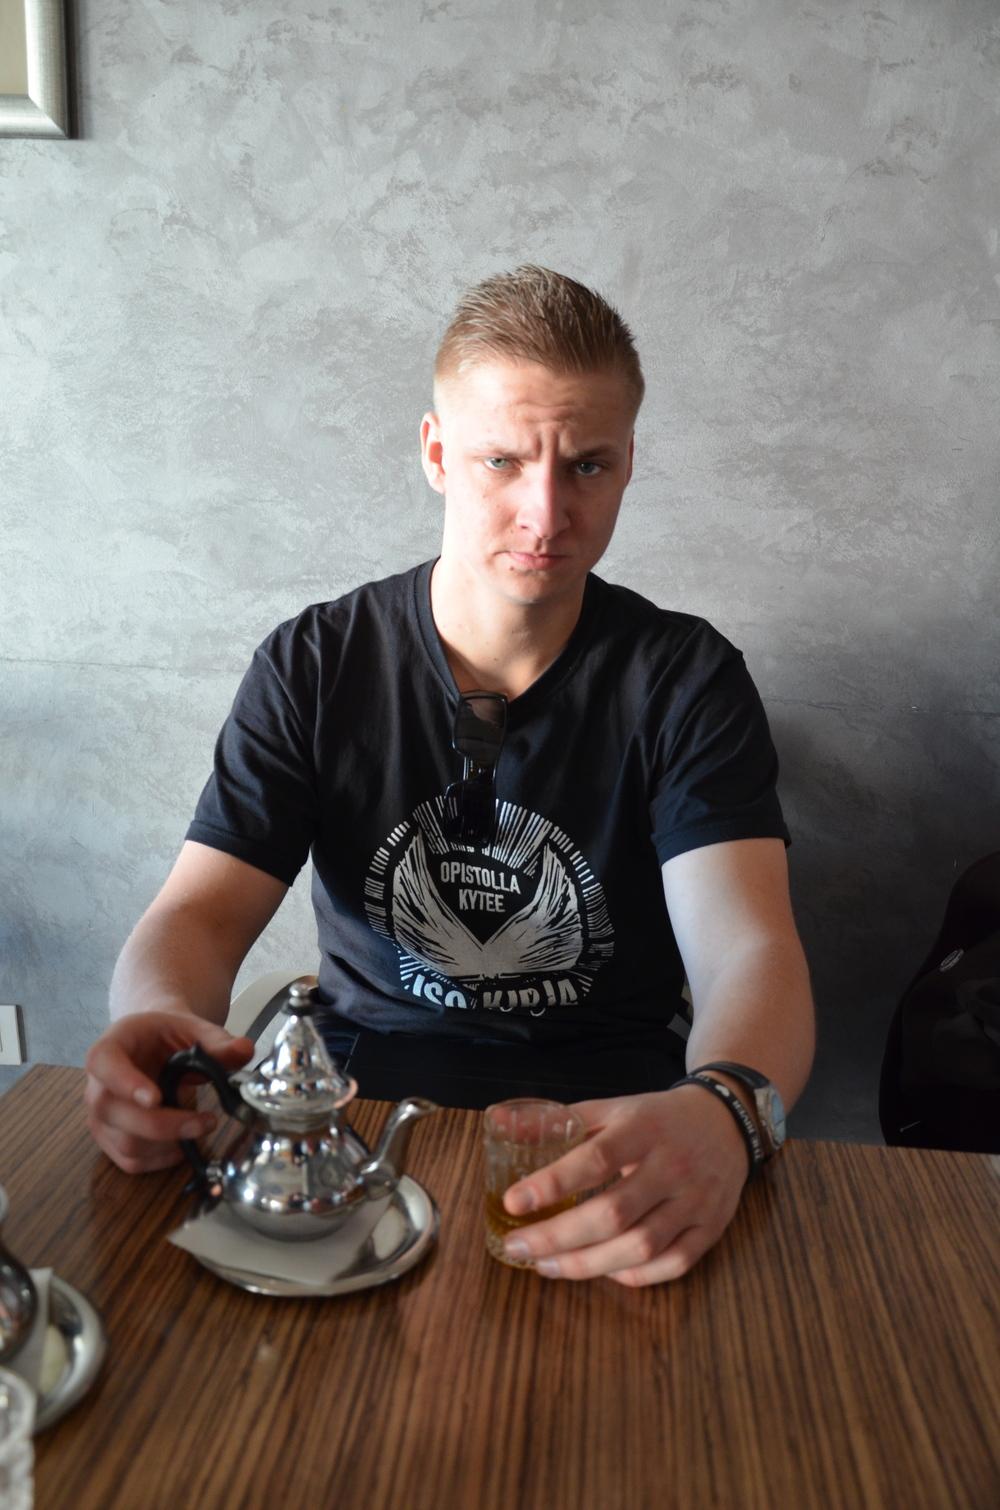 Maisteltiin Marokkolaista teetä.